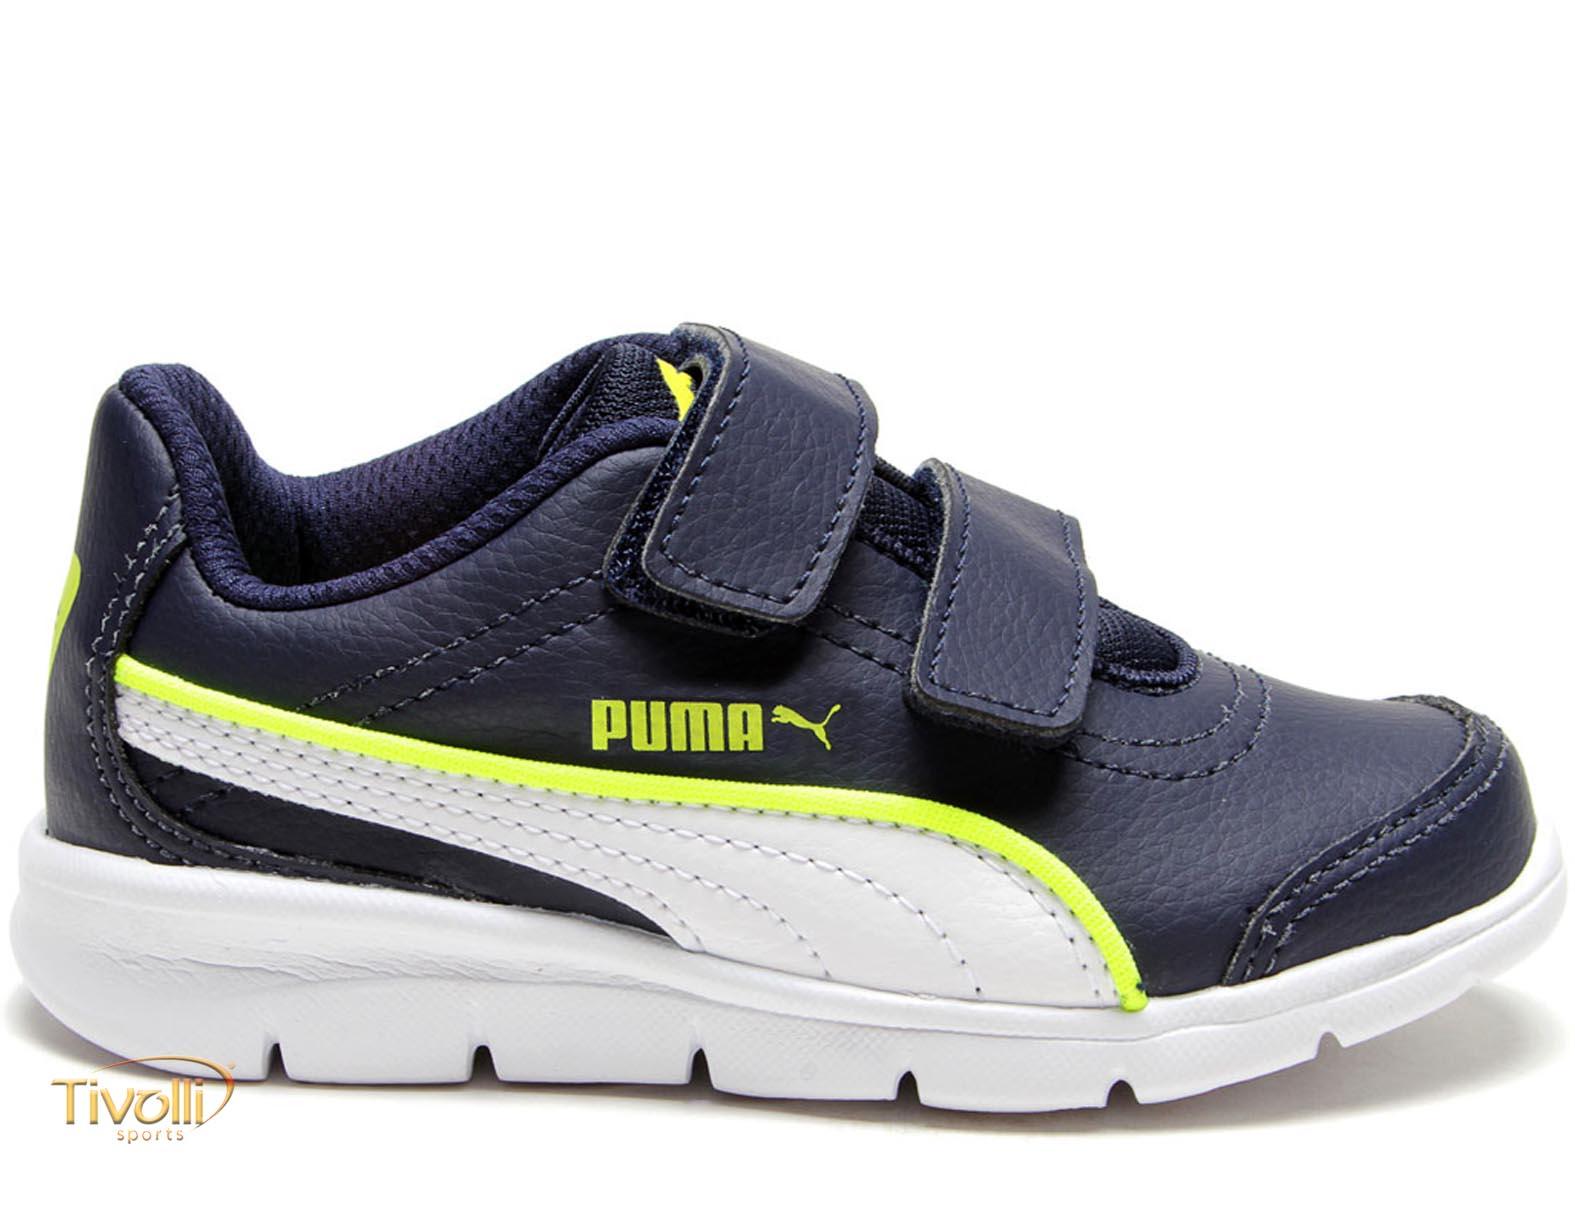 e83e7a92ff Tênis Puma Stepfleex Run SL V PS BDP Infantil   tam. 26 ao 32